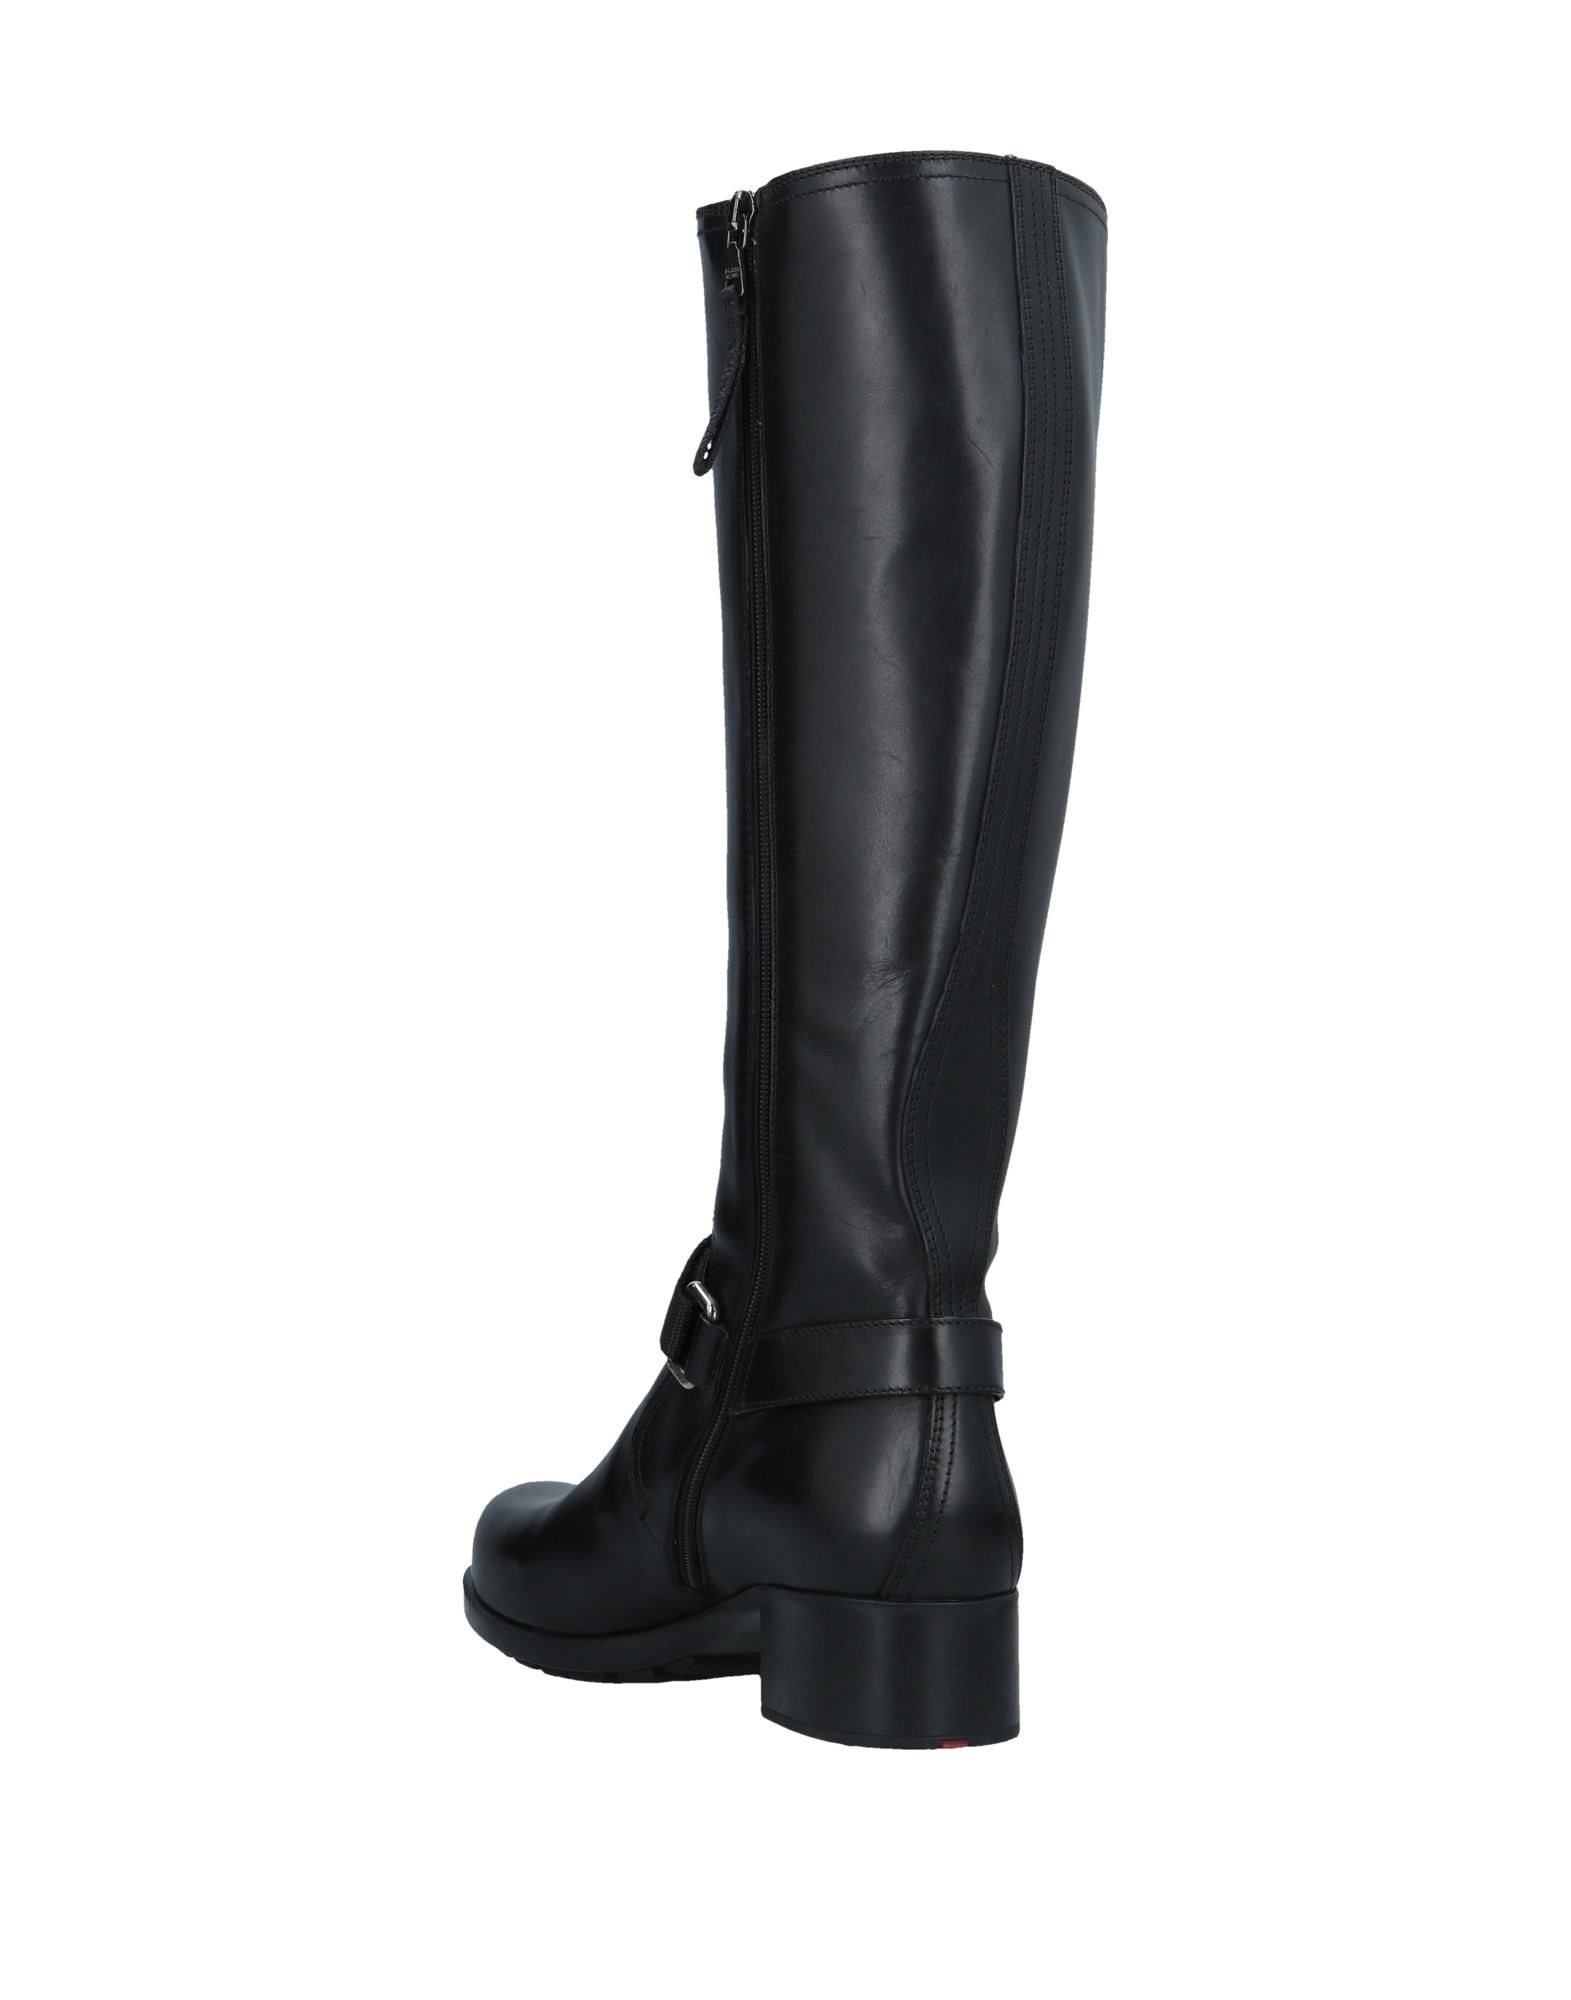 Prada Prada Prada Sport Stiefel Damen  11536508LTGünstige gut aussehende Schuhe b1b5bf